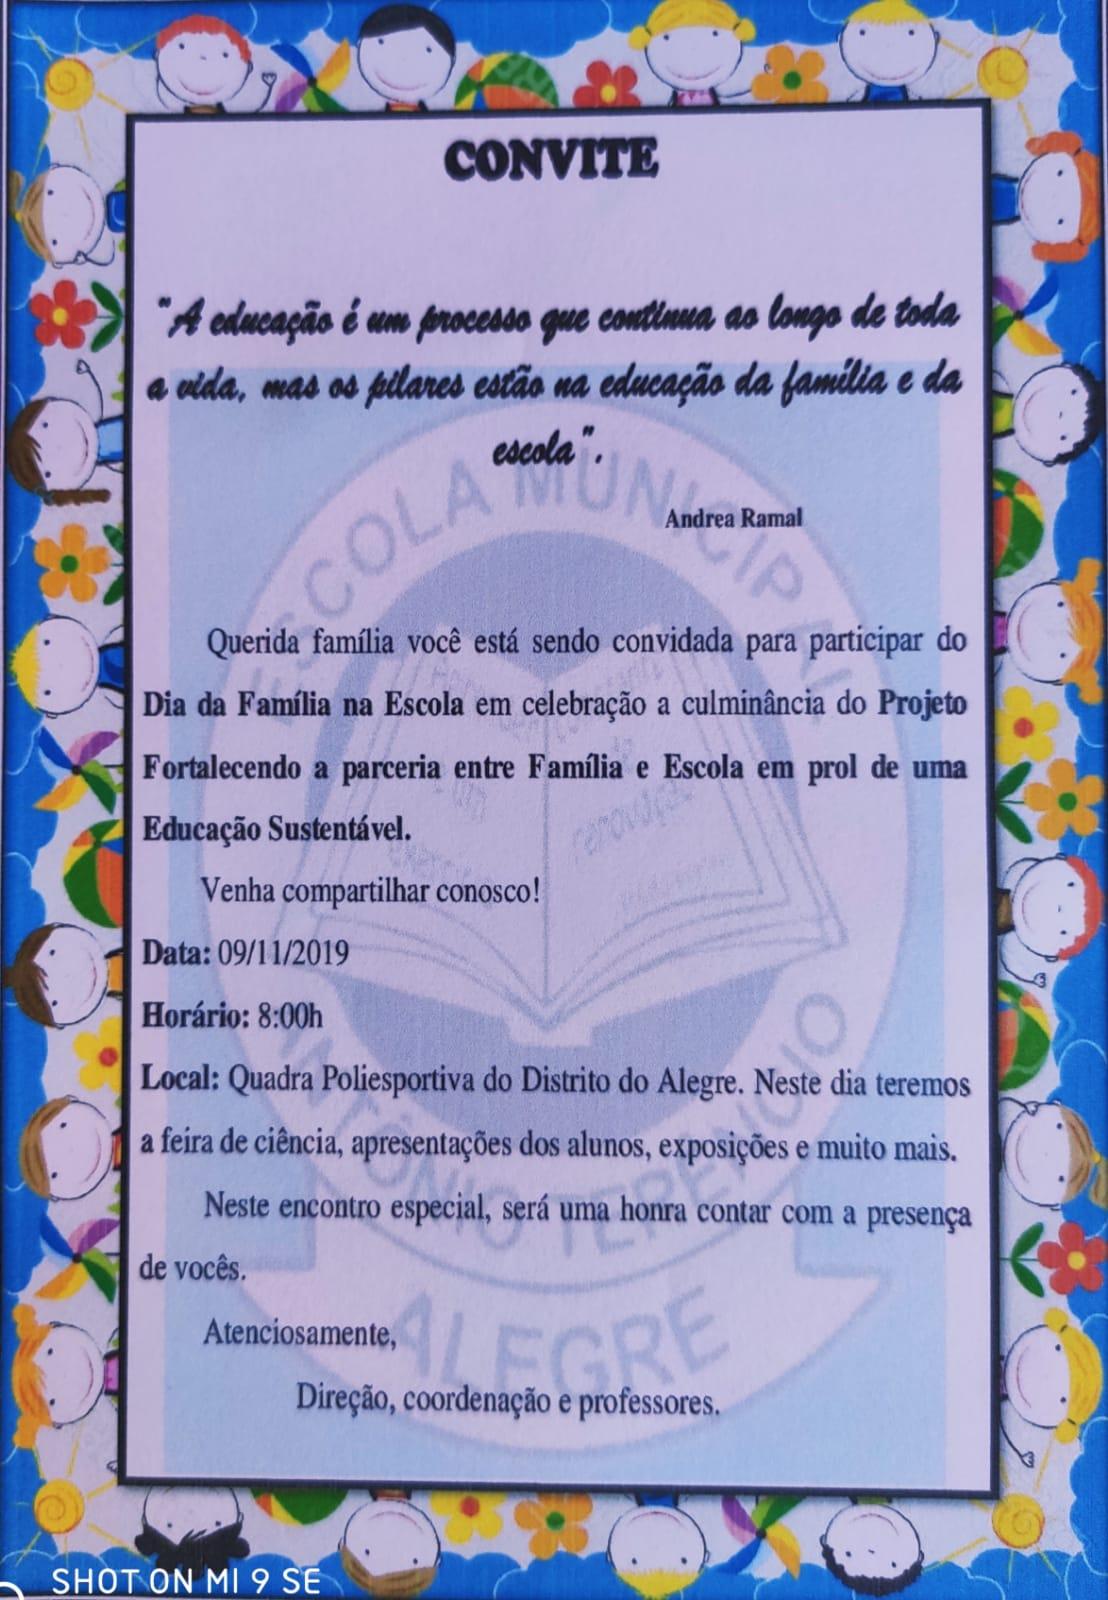 O Dia da Família na Escola Antônio Terêncio do Distrito de Alegre será no sábado (09/11/2019), a partir das 8 horas.